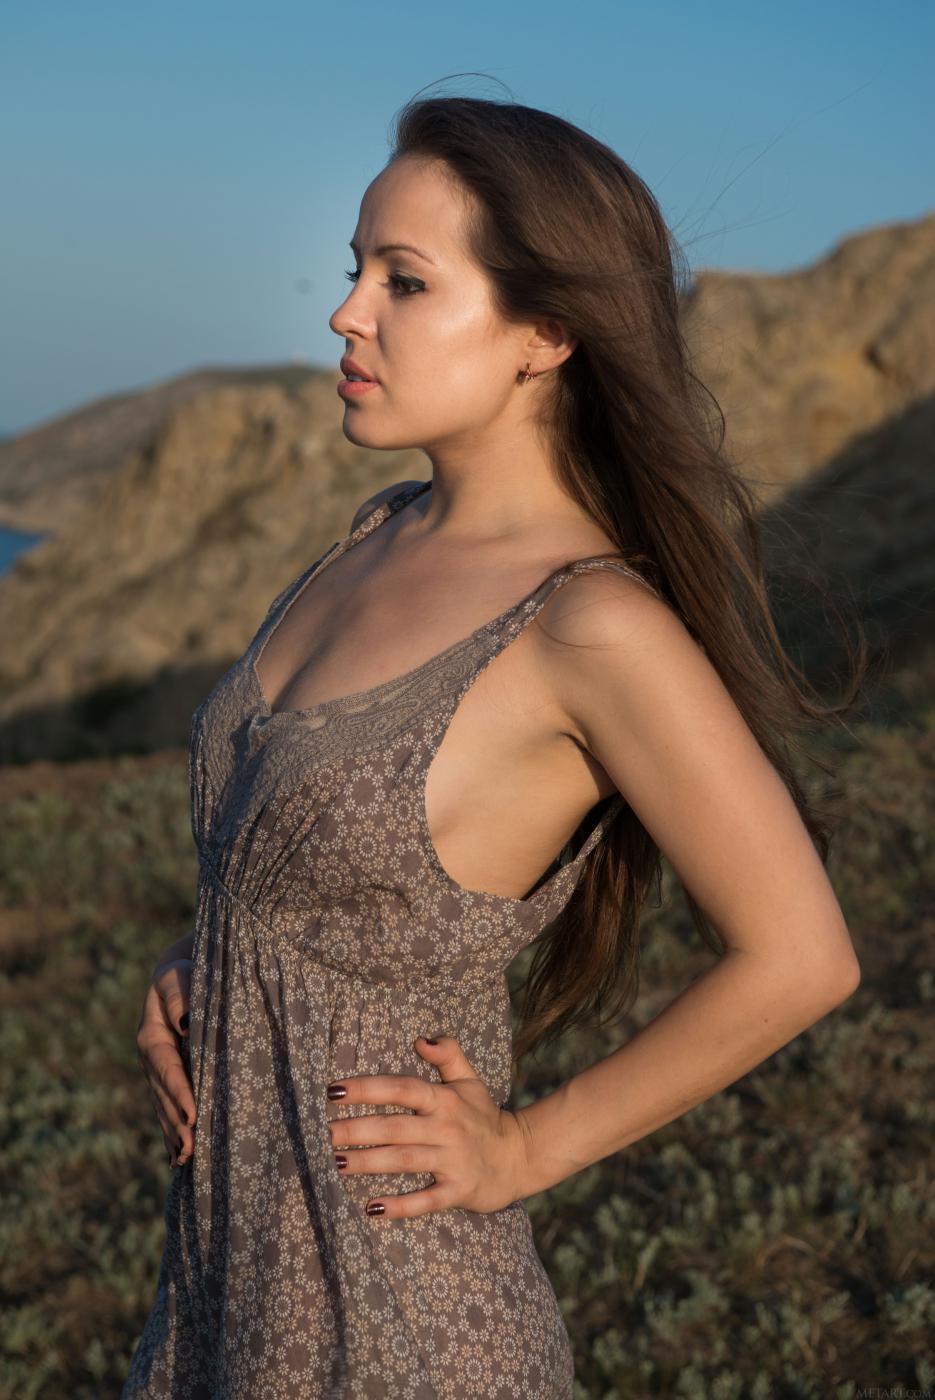 Красотка Arina G не скрывает своей киски и титьек от солнышка, когда позирует на открытом воздухе